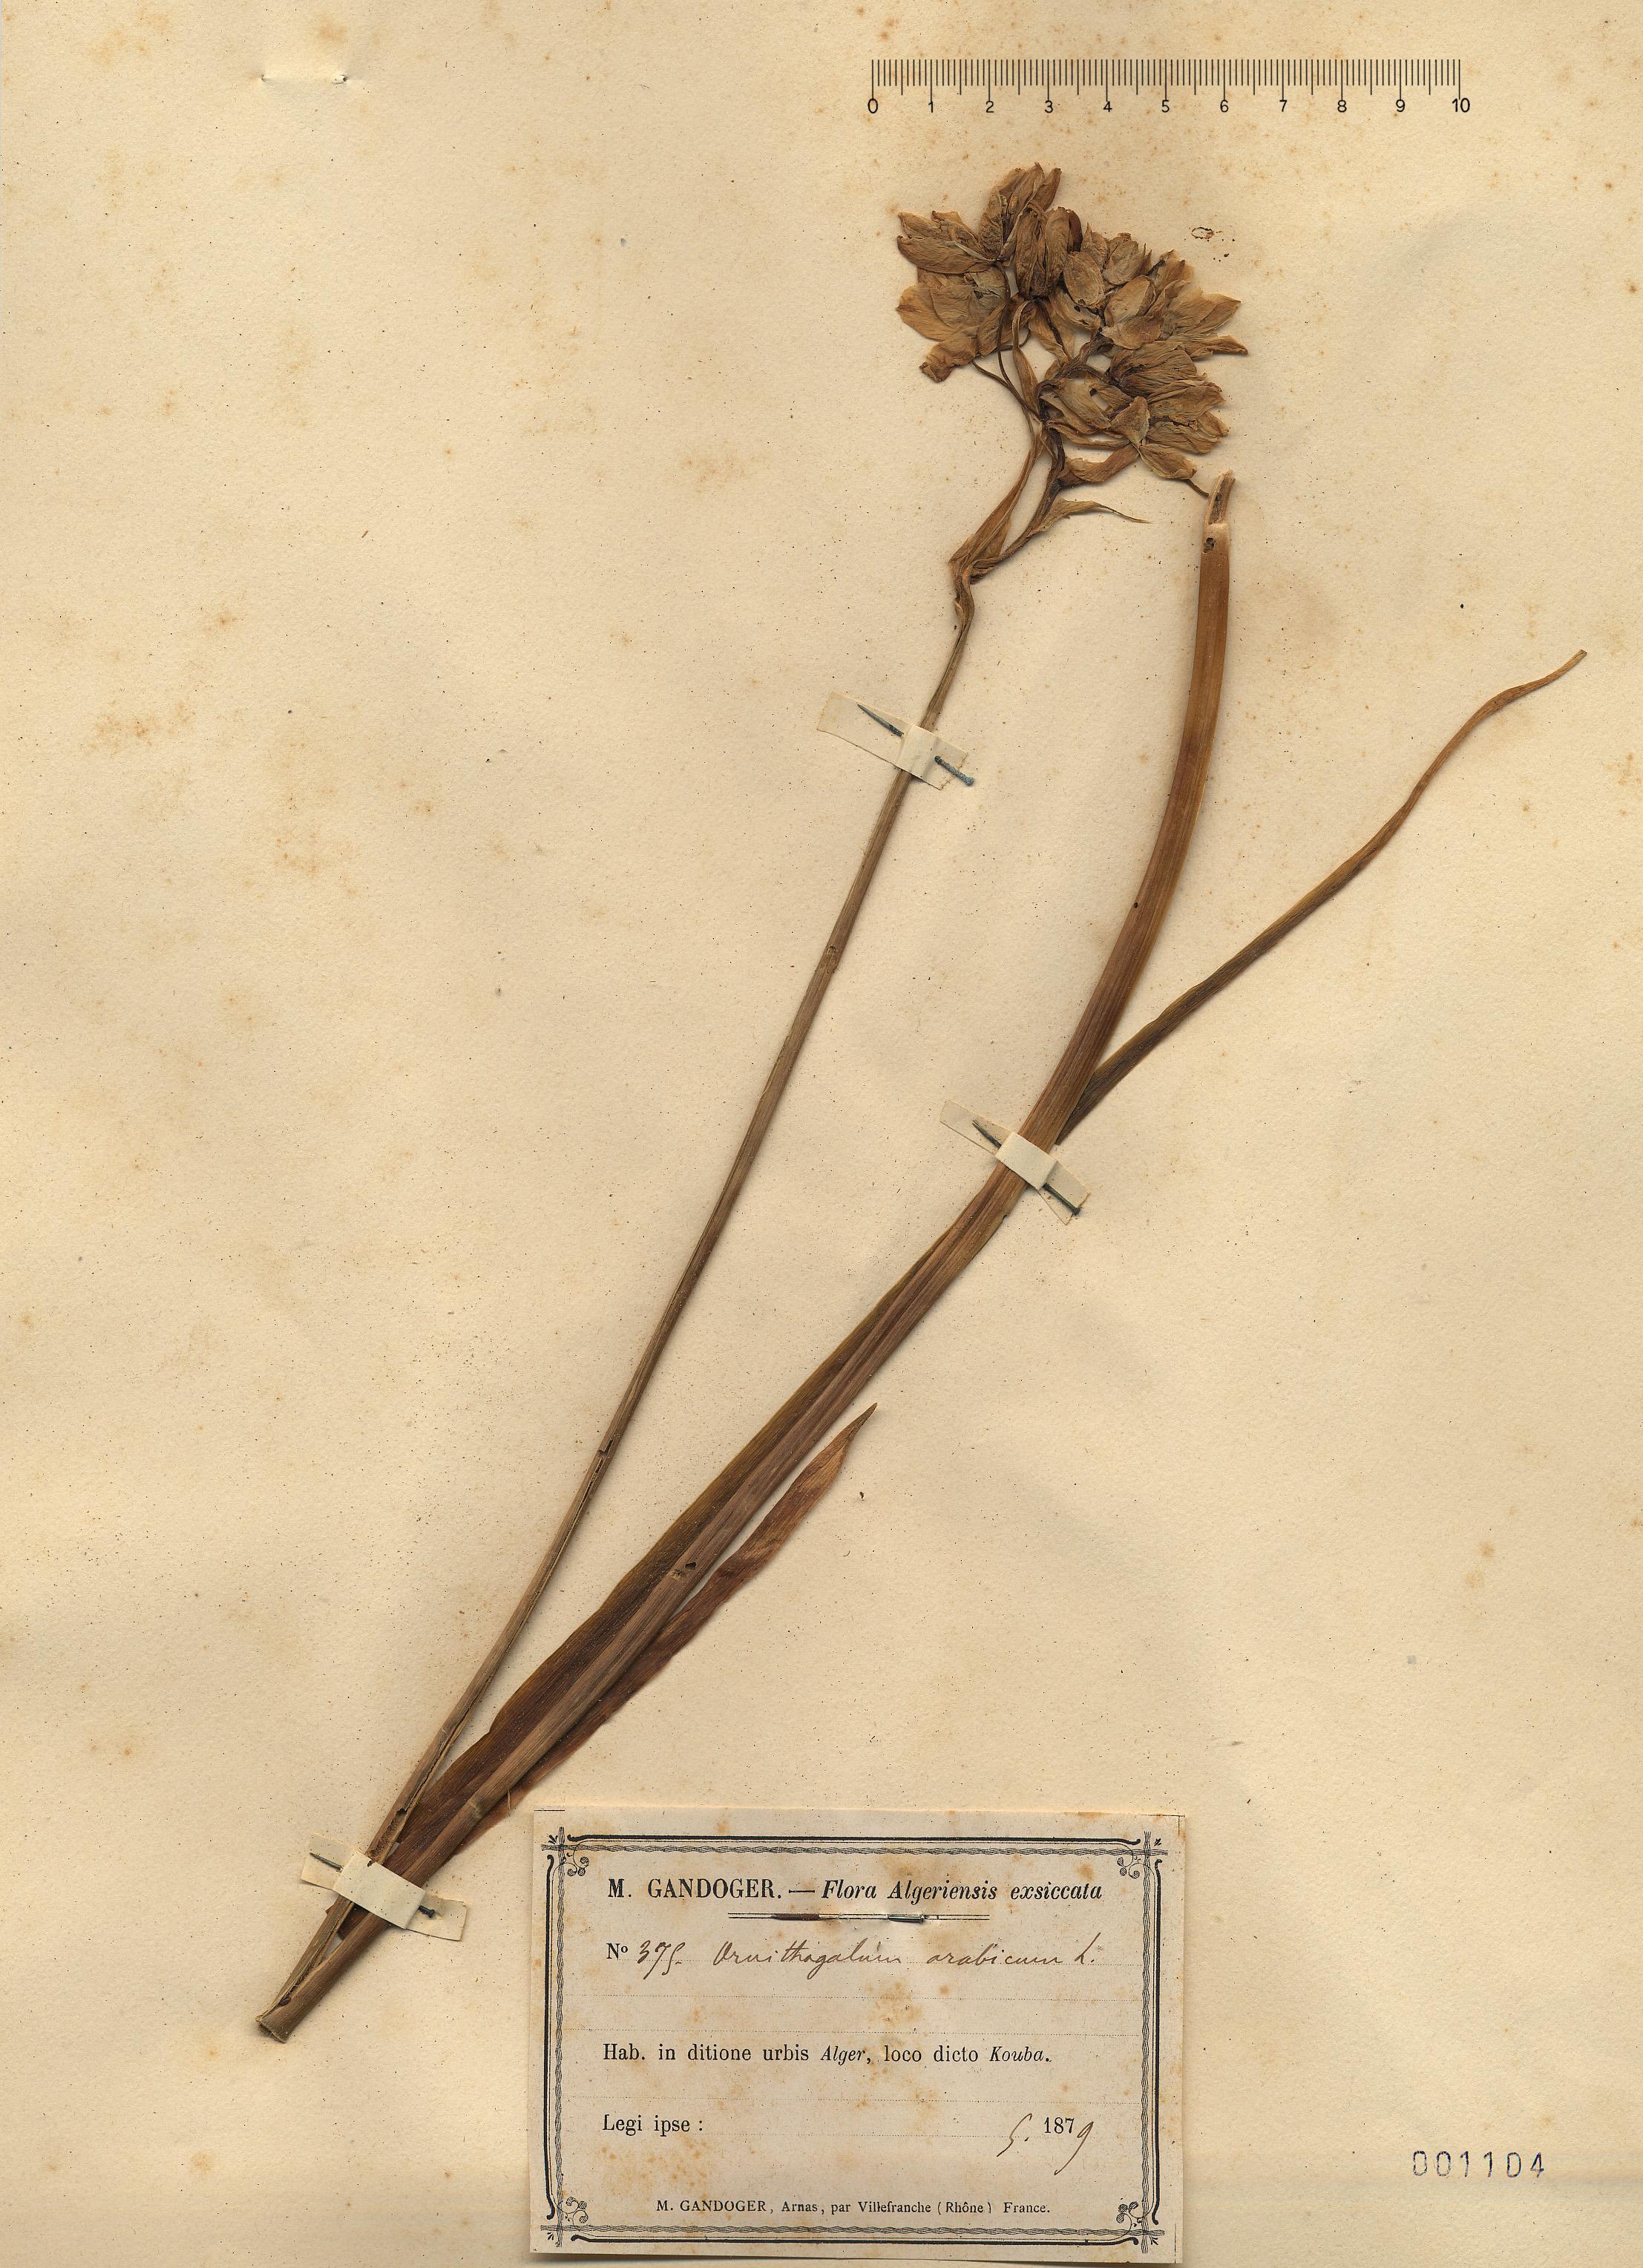 © Hortus Botanicus Catinensis - Herb. sheet 001104<br>